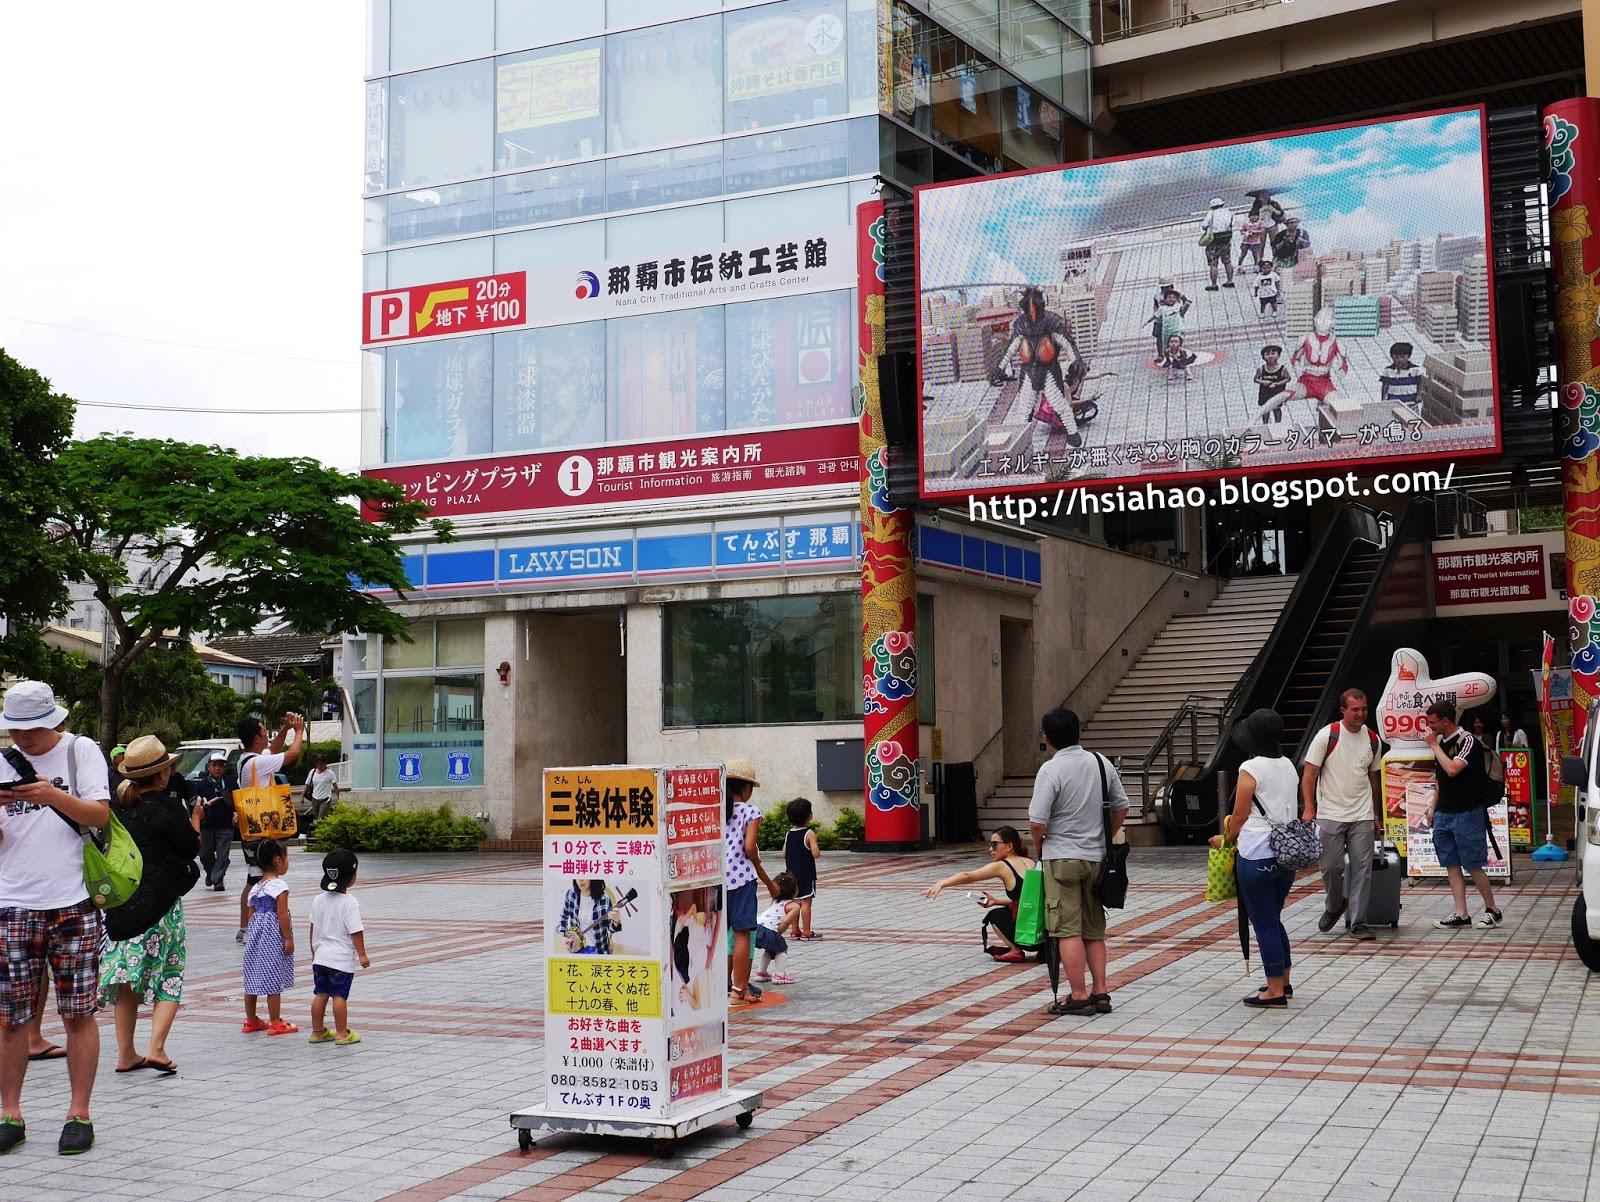 沖繩-那霸-觀光案內所-自由行-旅遊-旅行-Okinawa-tourist-information